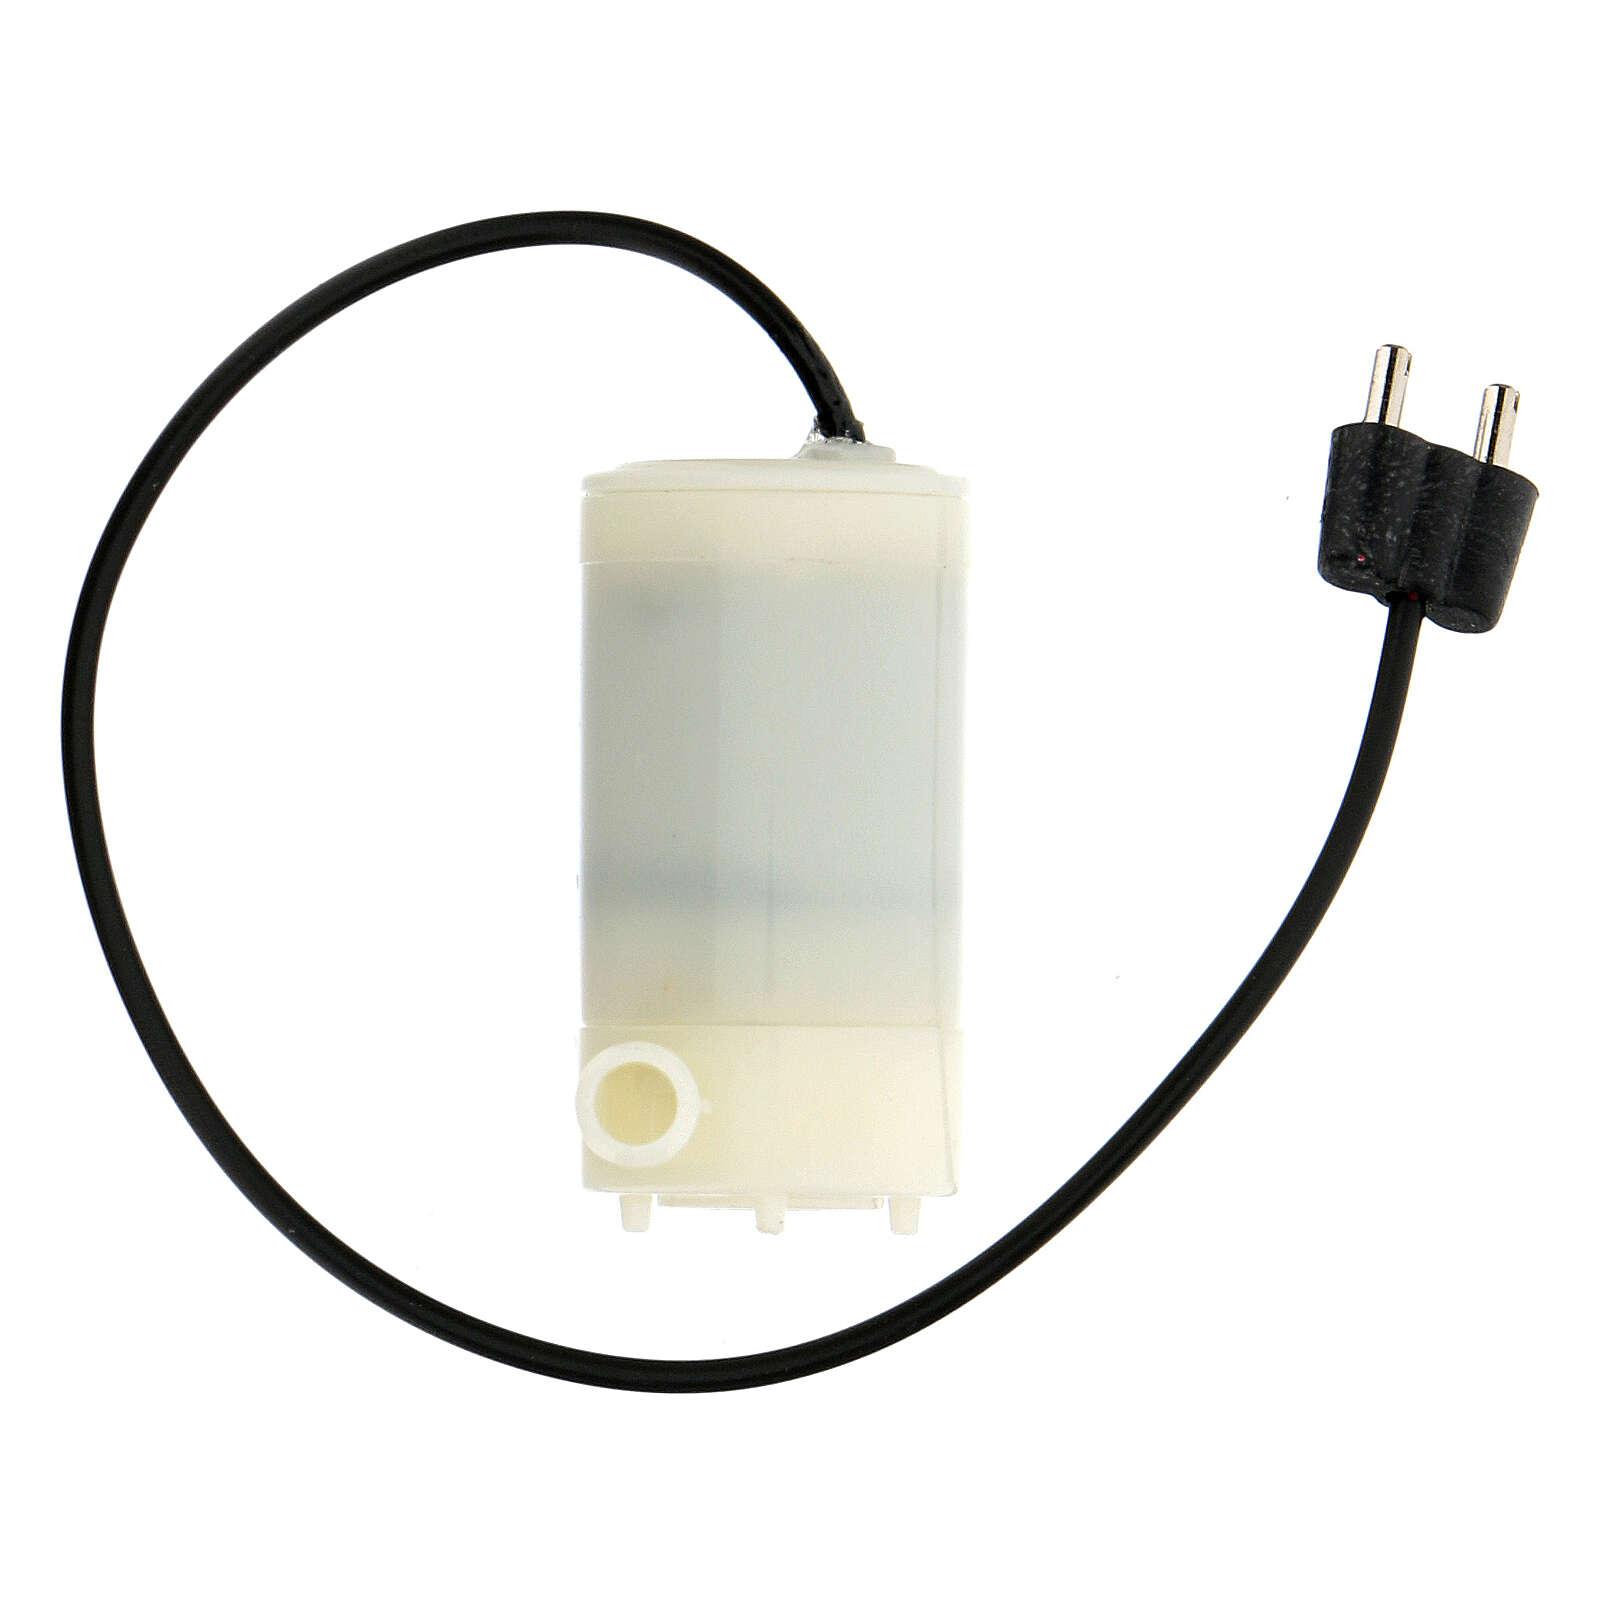 Bomba de água para fonte presépio com ficha baixa tensão 3,5 V 4